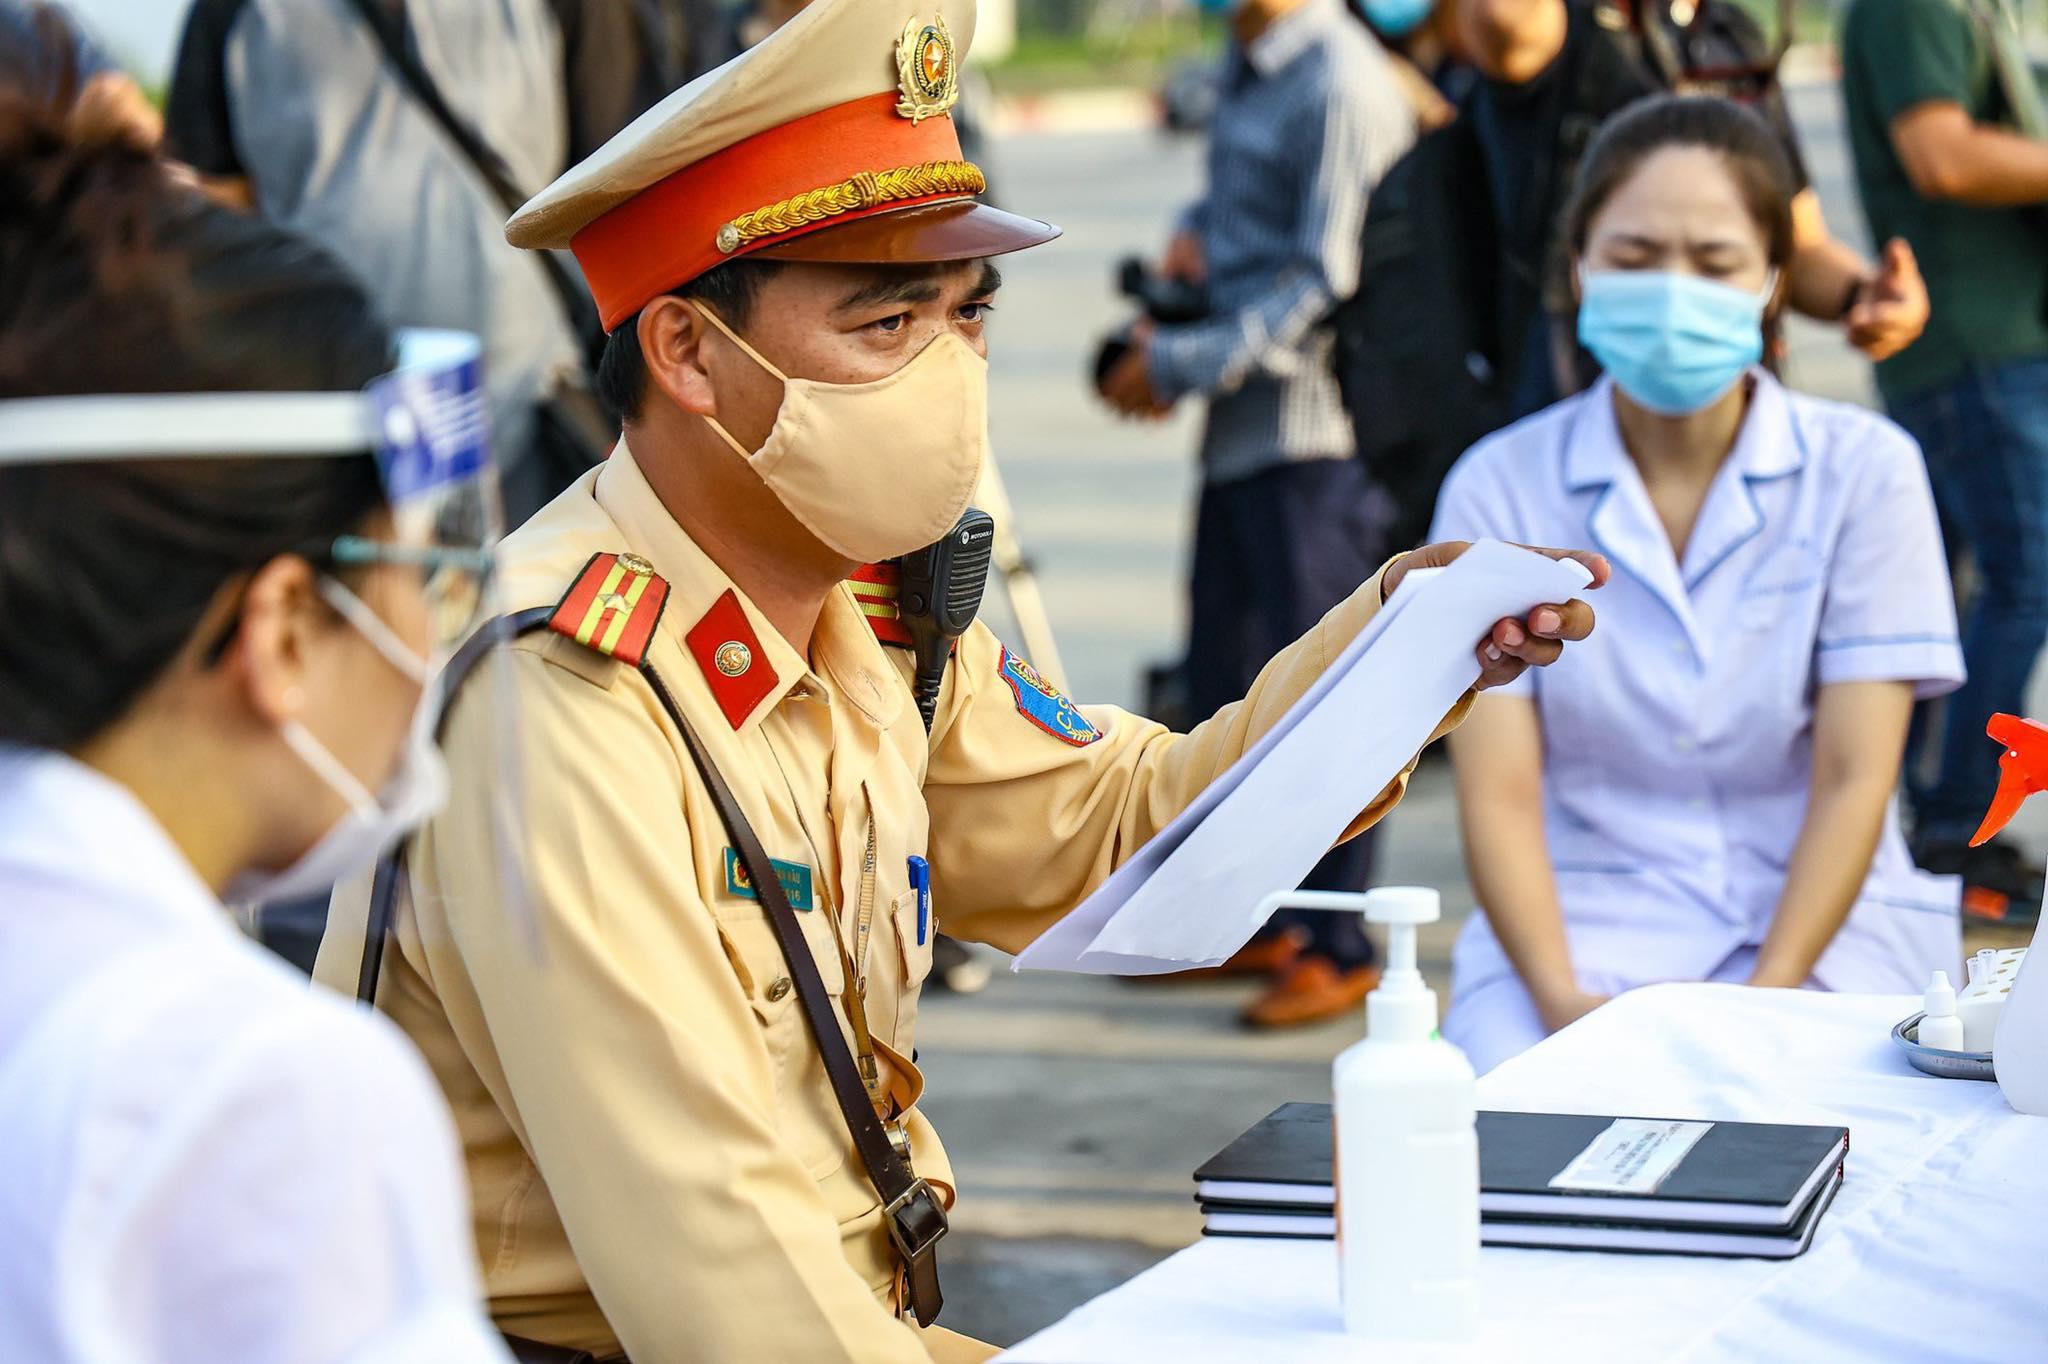 Hà Nội: Người dân đến làm việc tại các trụ sở của Phòng CSGT cần mang theo giấy tờ gì? - 1